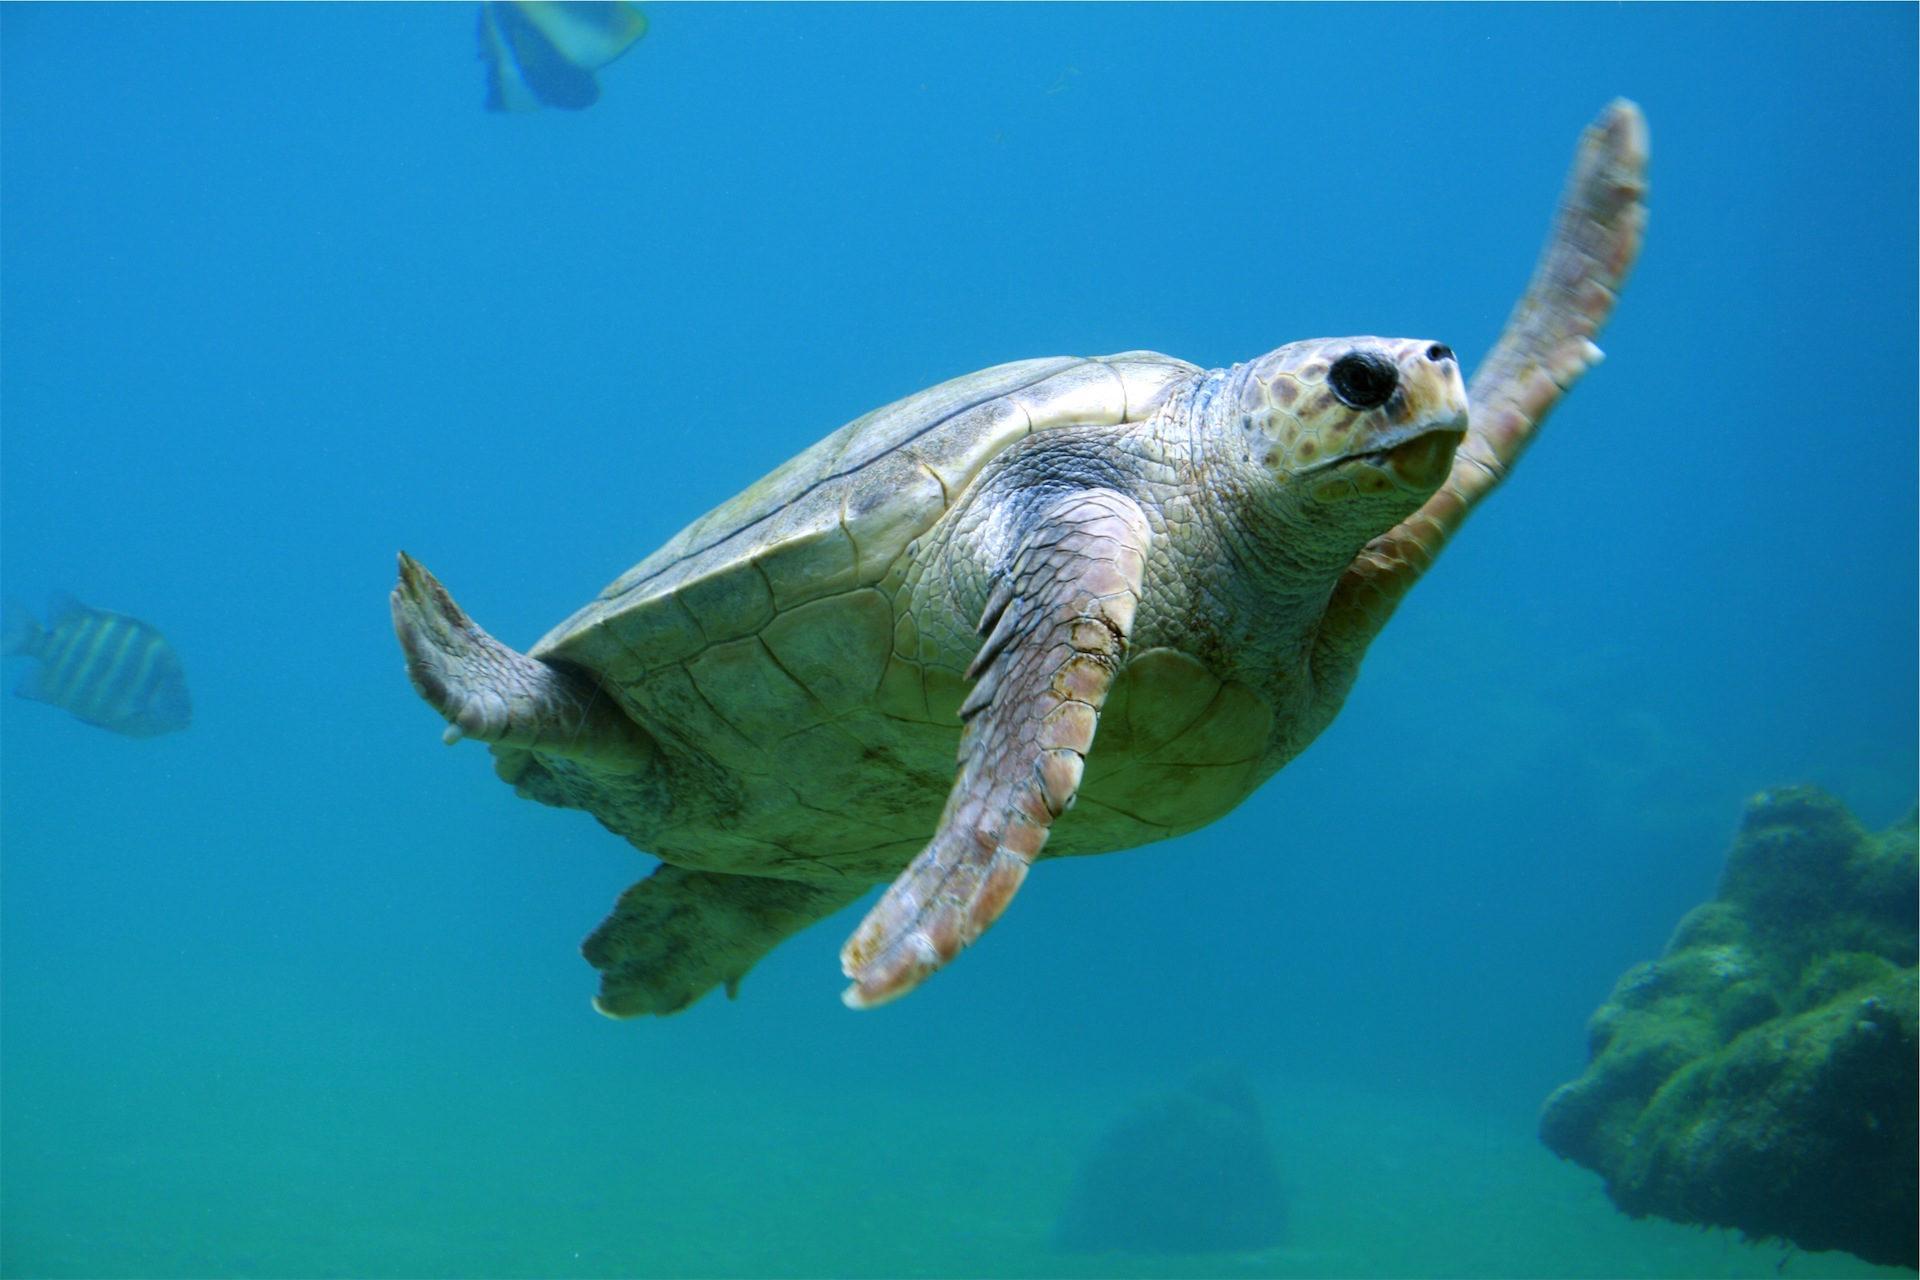 Tortue, sous l'eau, Mer, Océan, Marino - Fonds d'écran HD - Professor-falken.com